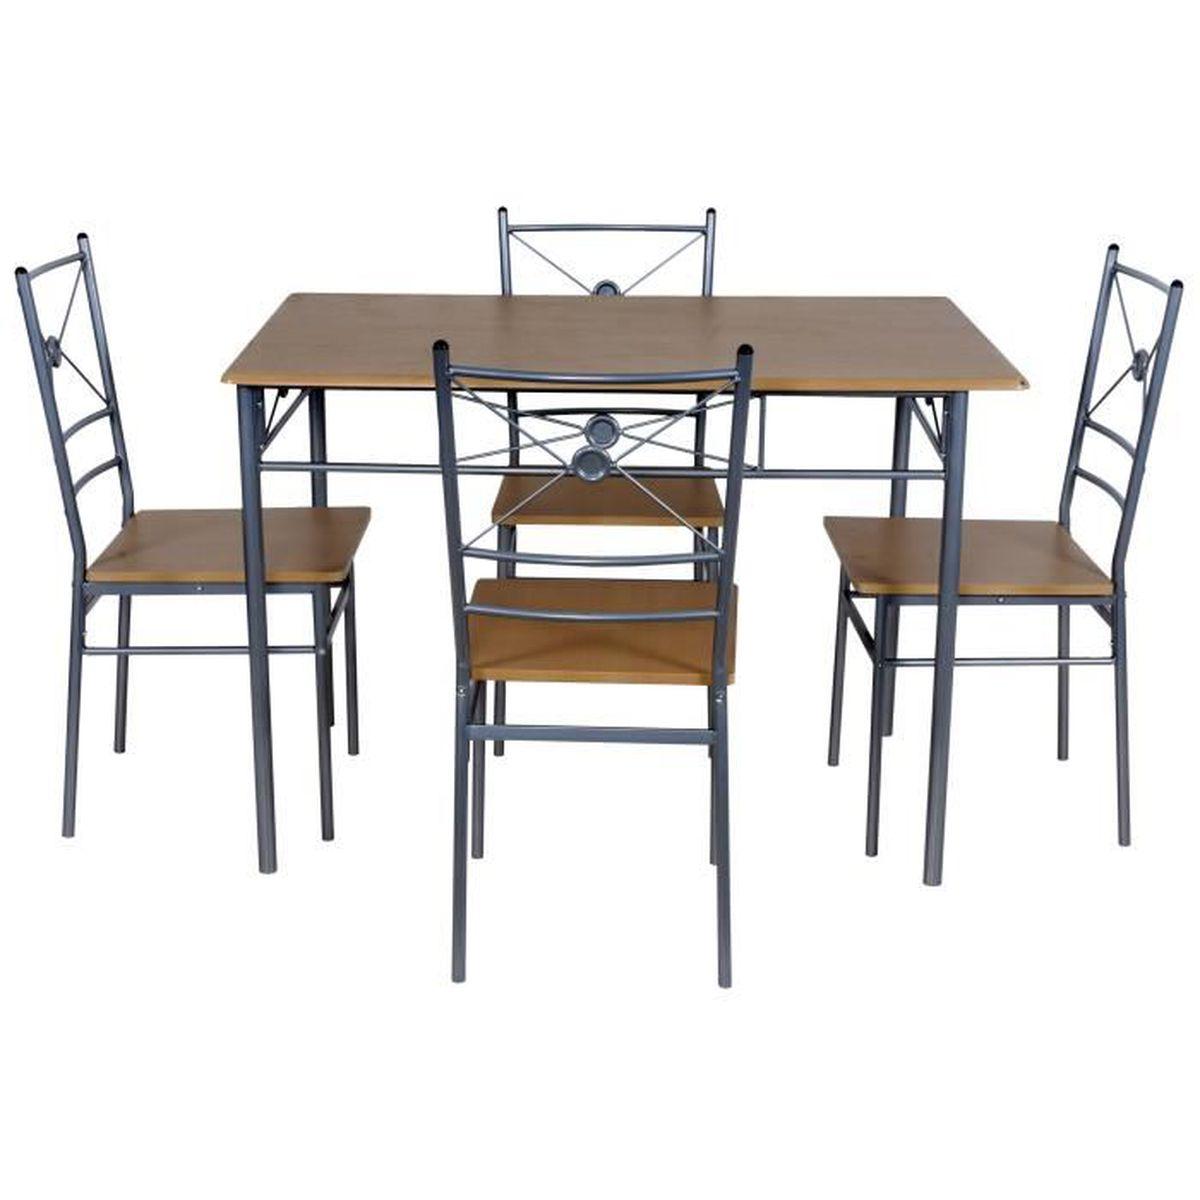 Uac 4 Doqcerxbw En Voir De Table Chaisesfree Luensemble Cuisine Gifi 3AL54jR